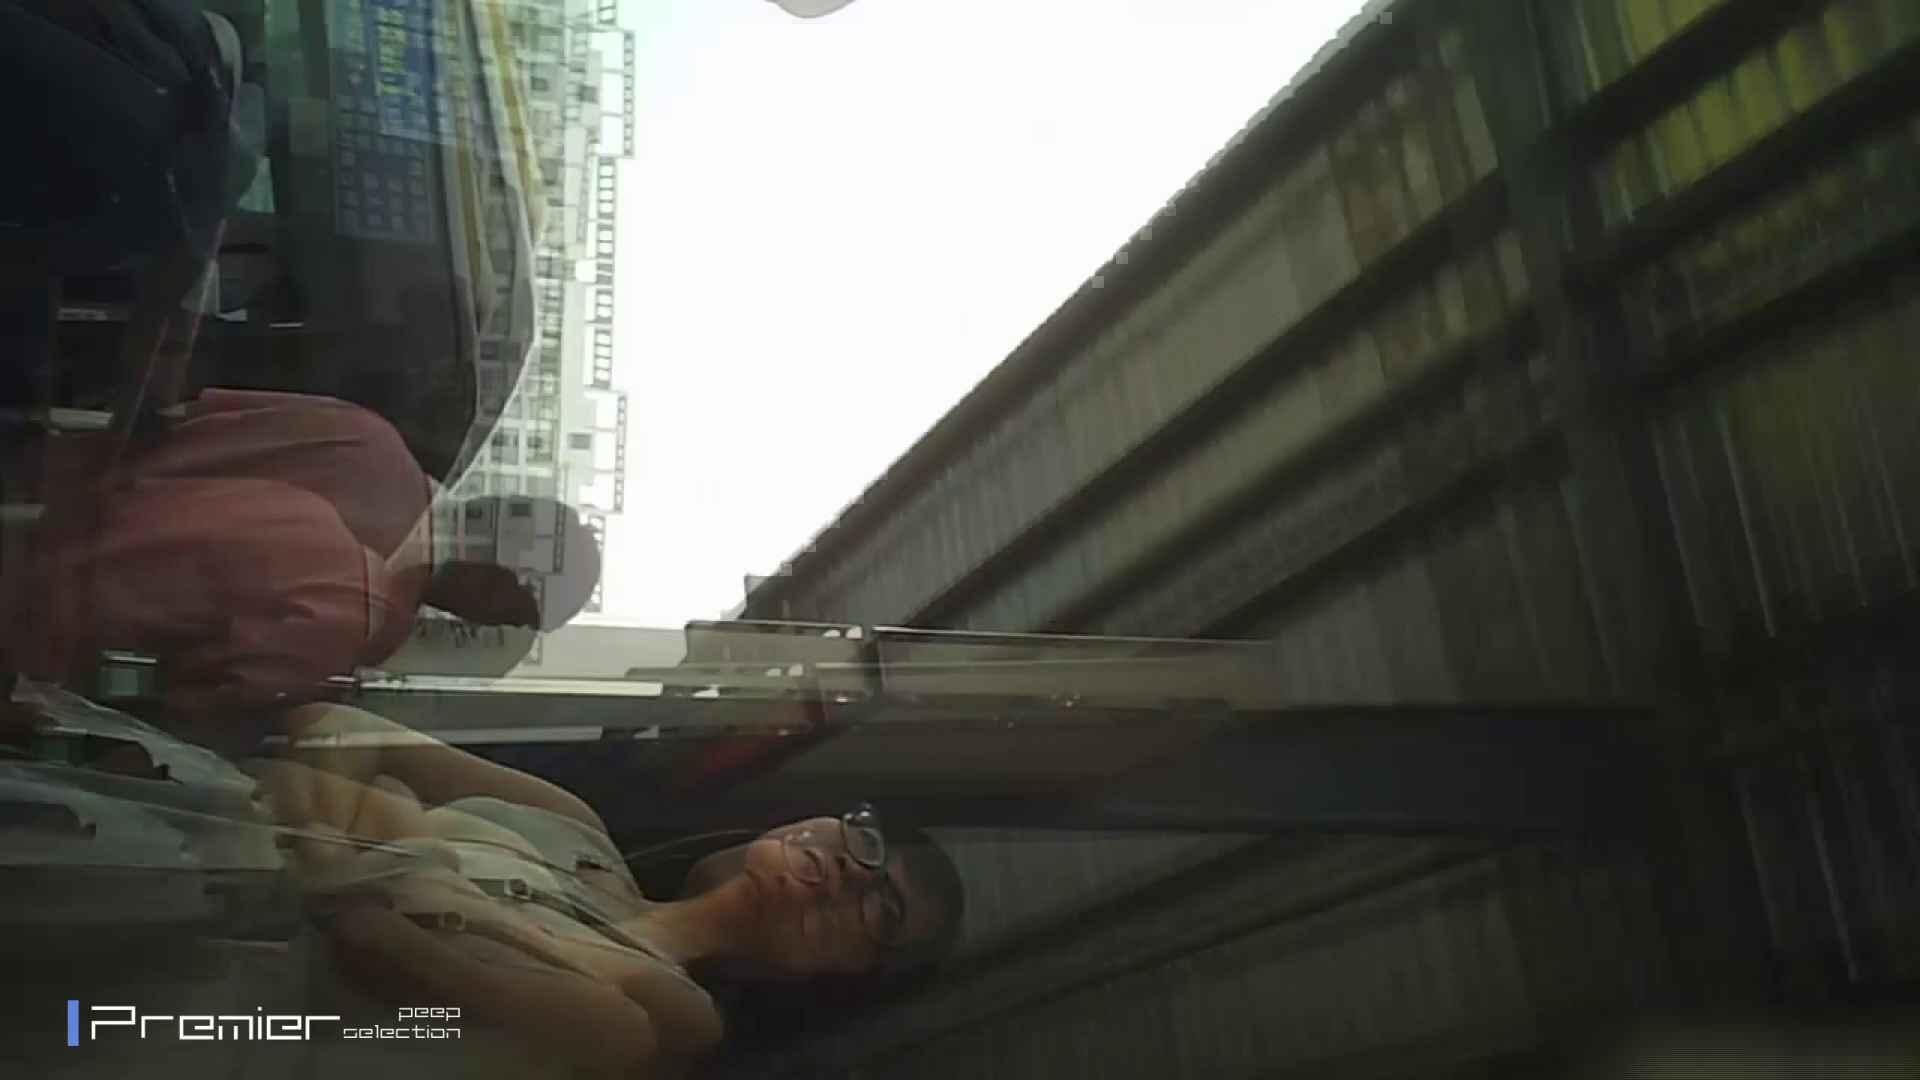 美女の痴態に密着!ギャルのパンチラVol.07 白のフリフリスカートの中 細身女性 おまんこ無修正動画無料 101画像 57